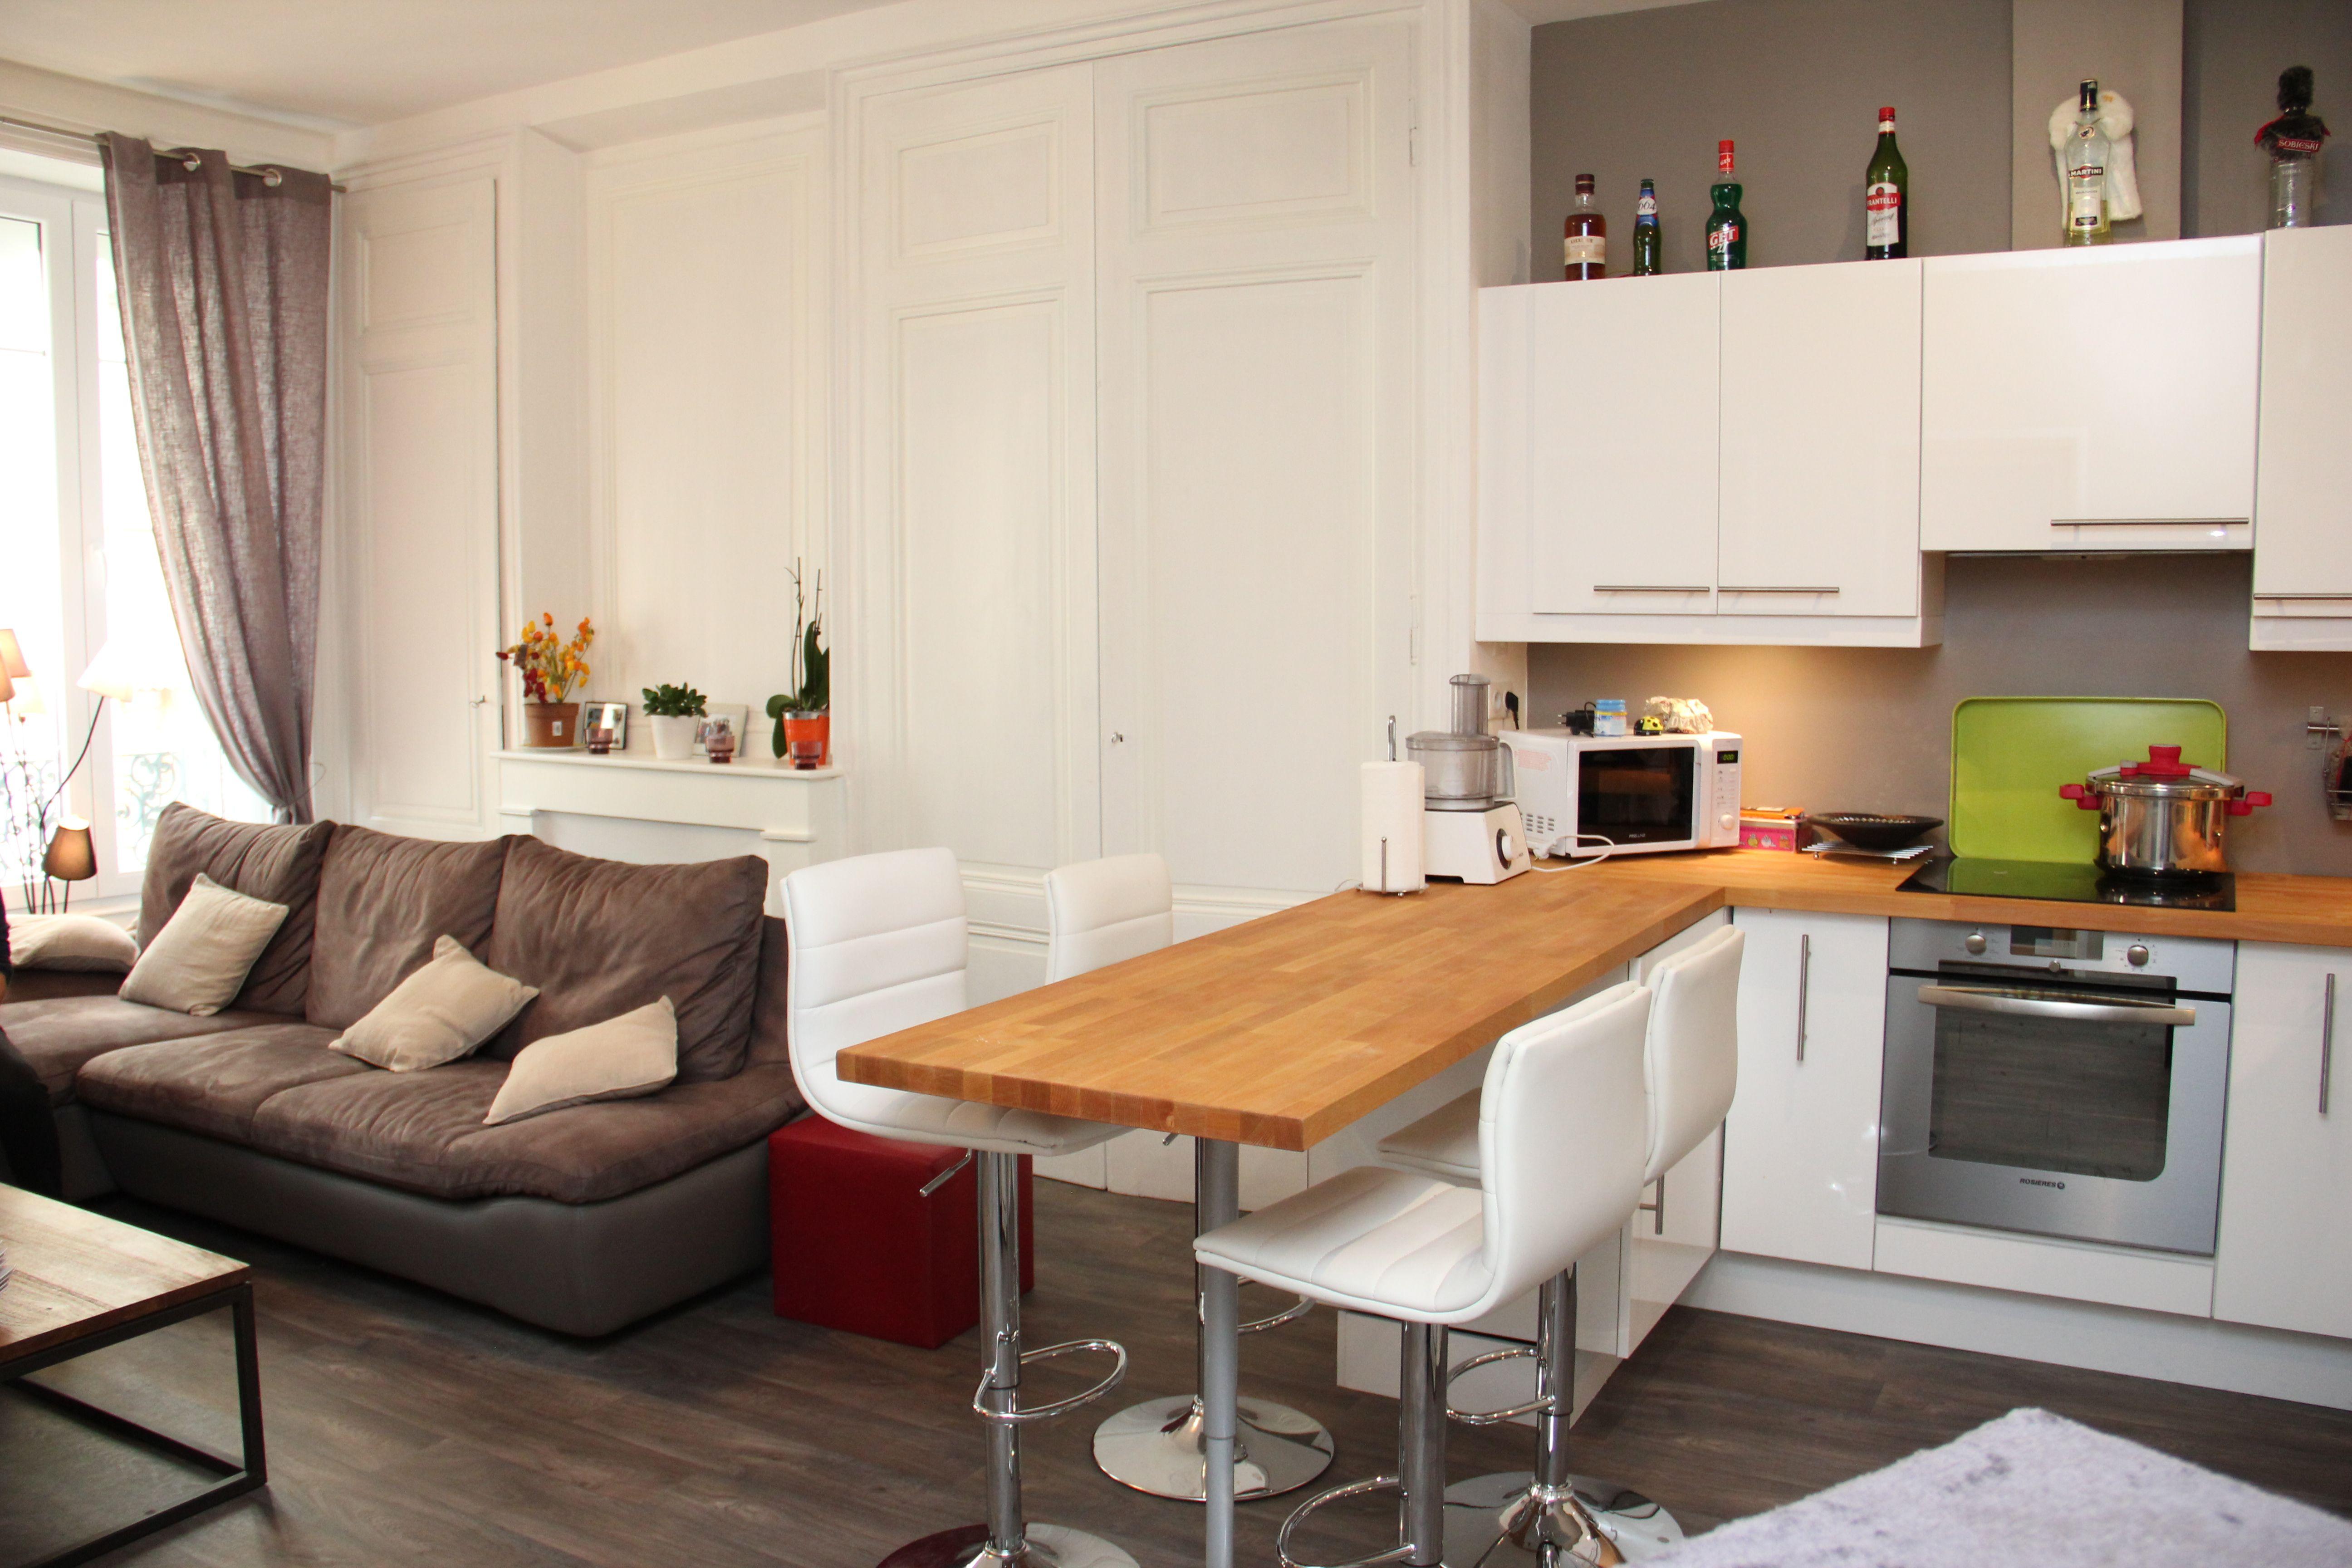 amenagement salon cuisine ouverte 200m20  Aménagement cuisine